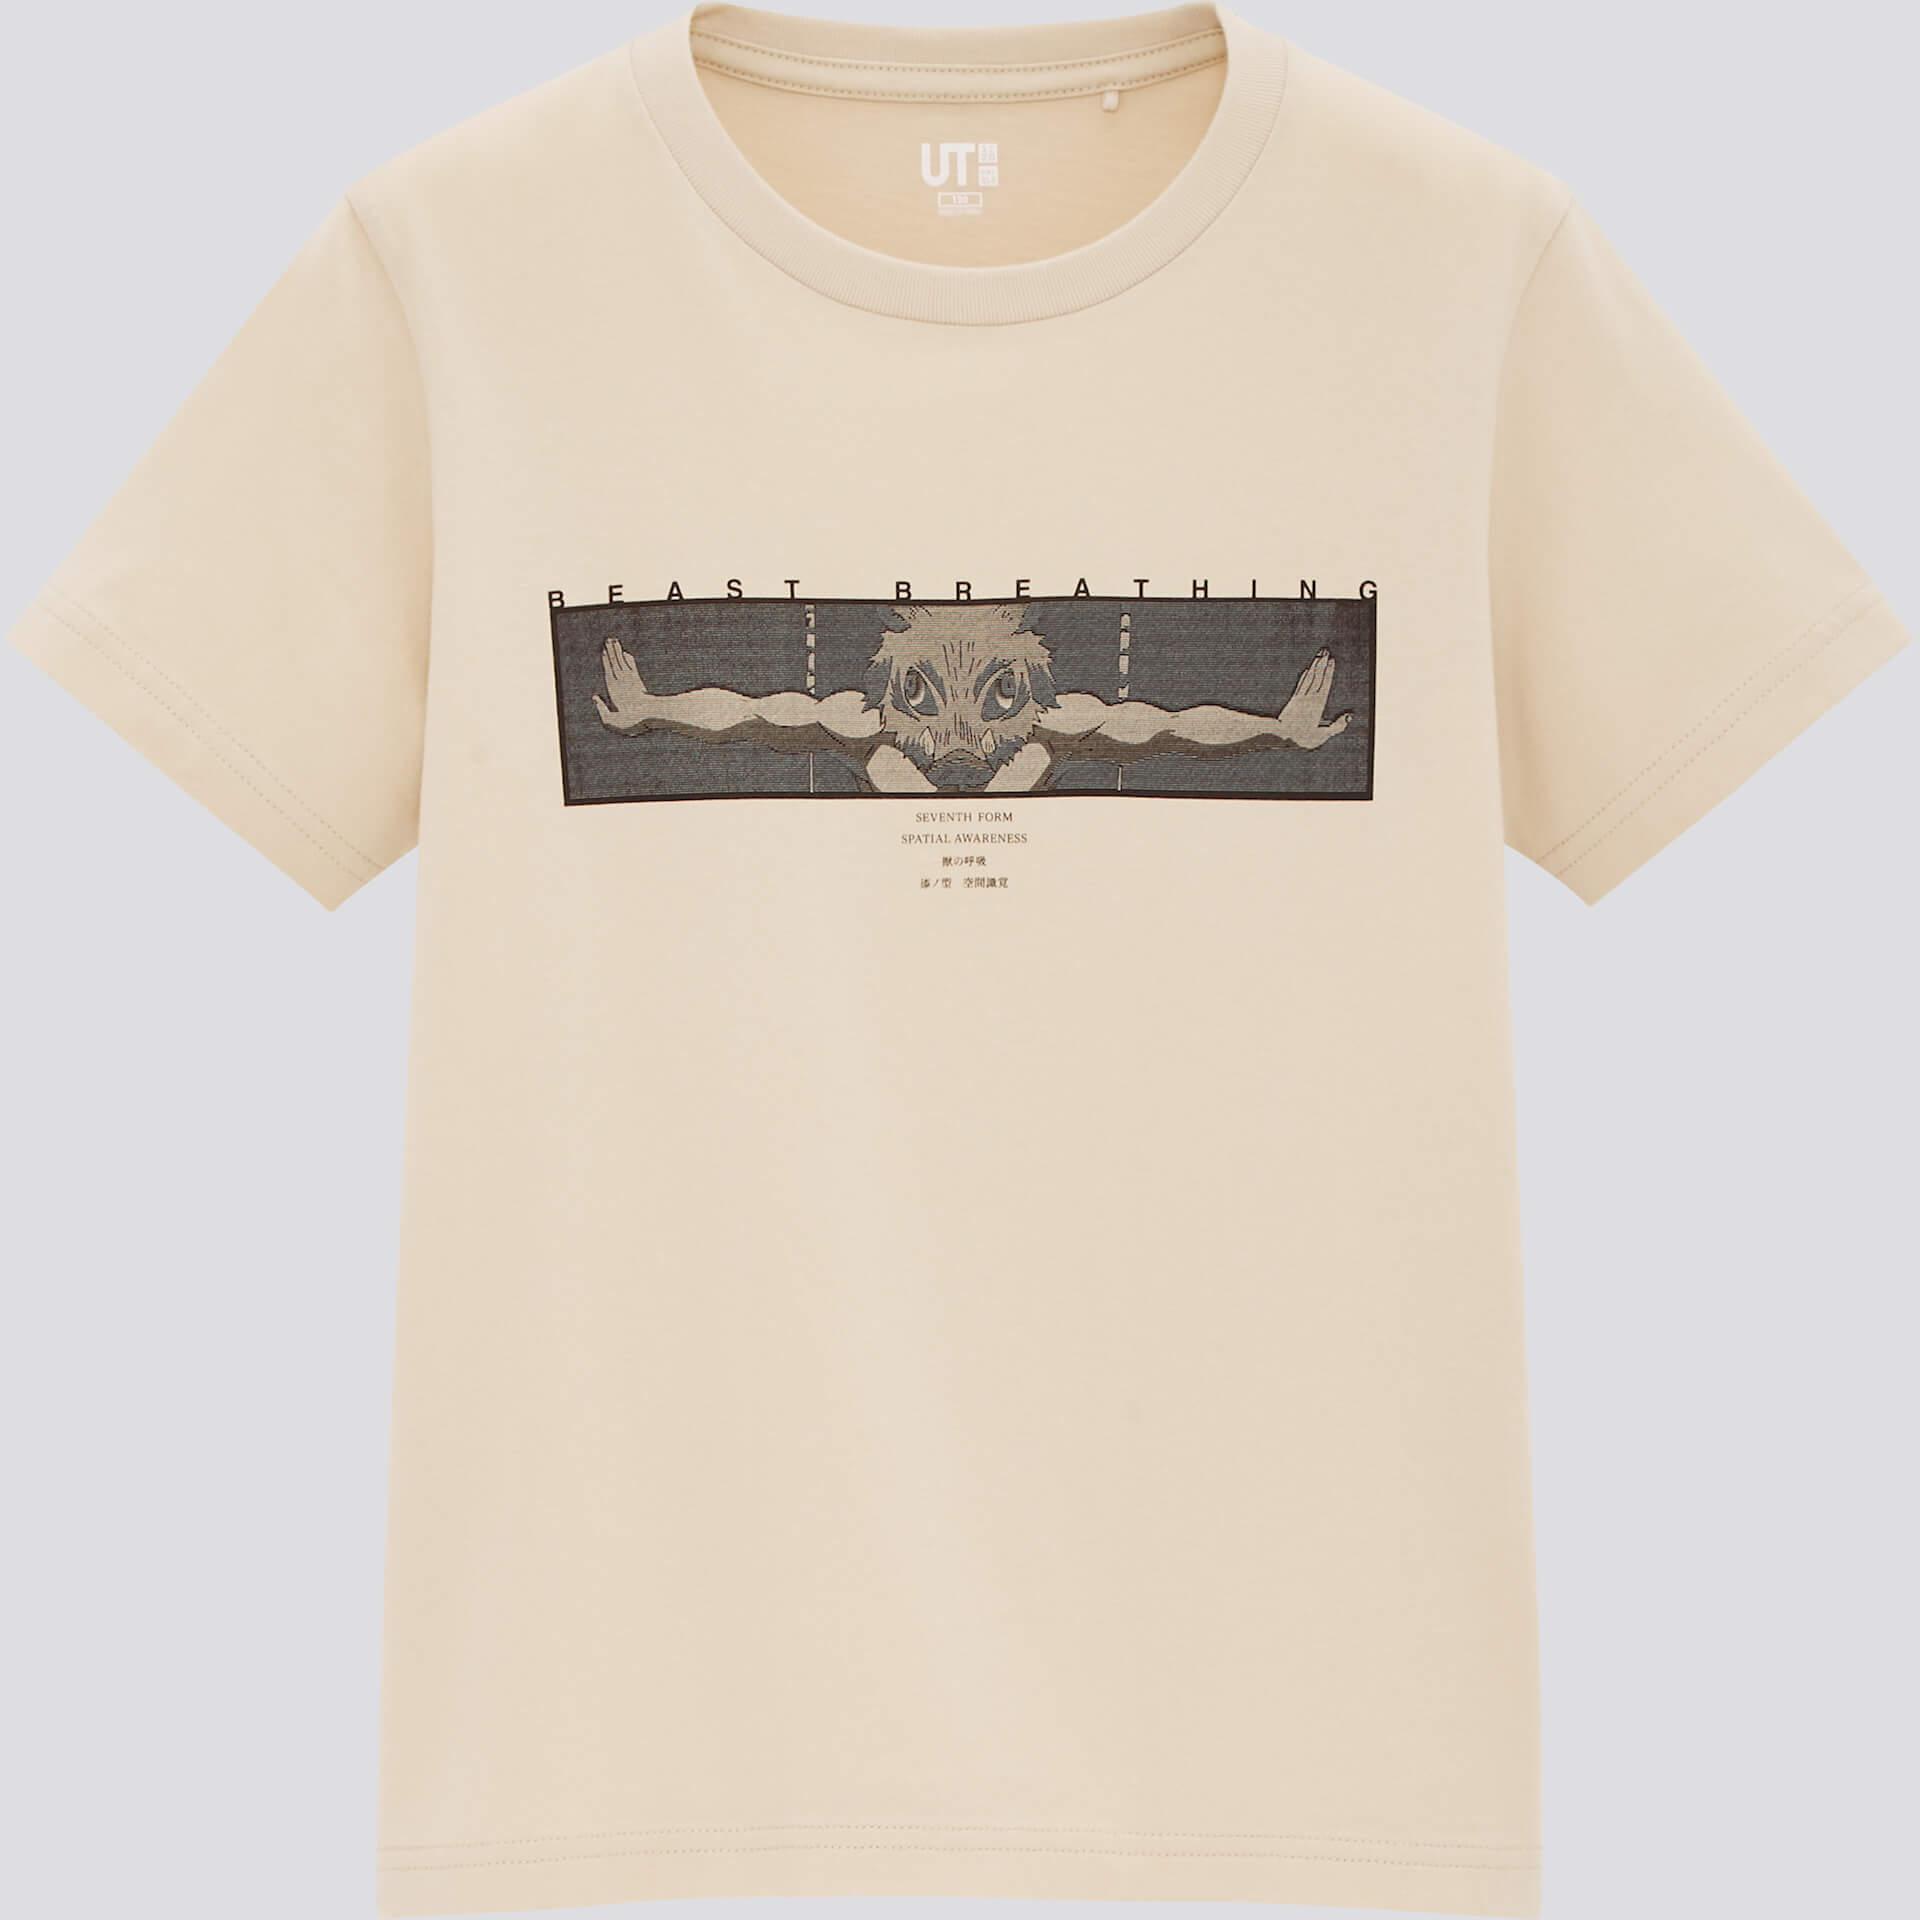 『鬼滅の刃』とユニクロ「UT」コラボ第2弾のコレクションがついに発表!着物や鍔をイメージしたバッグ&タオルも登場 life200817_kimetsu_ut_5